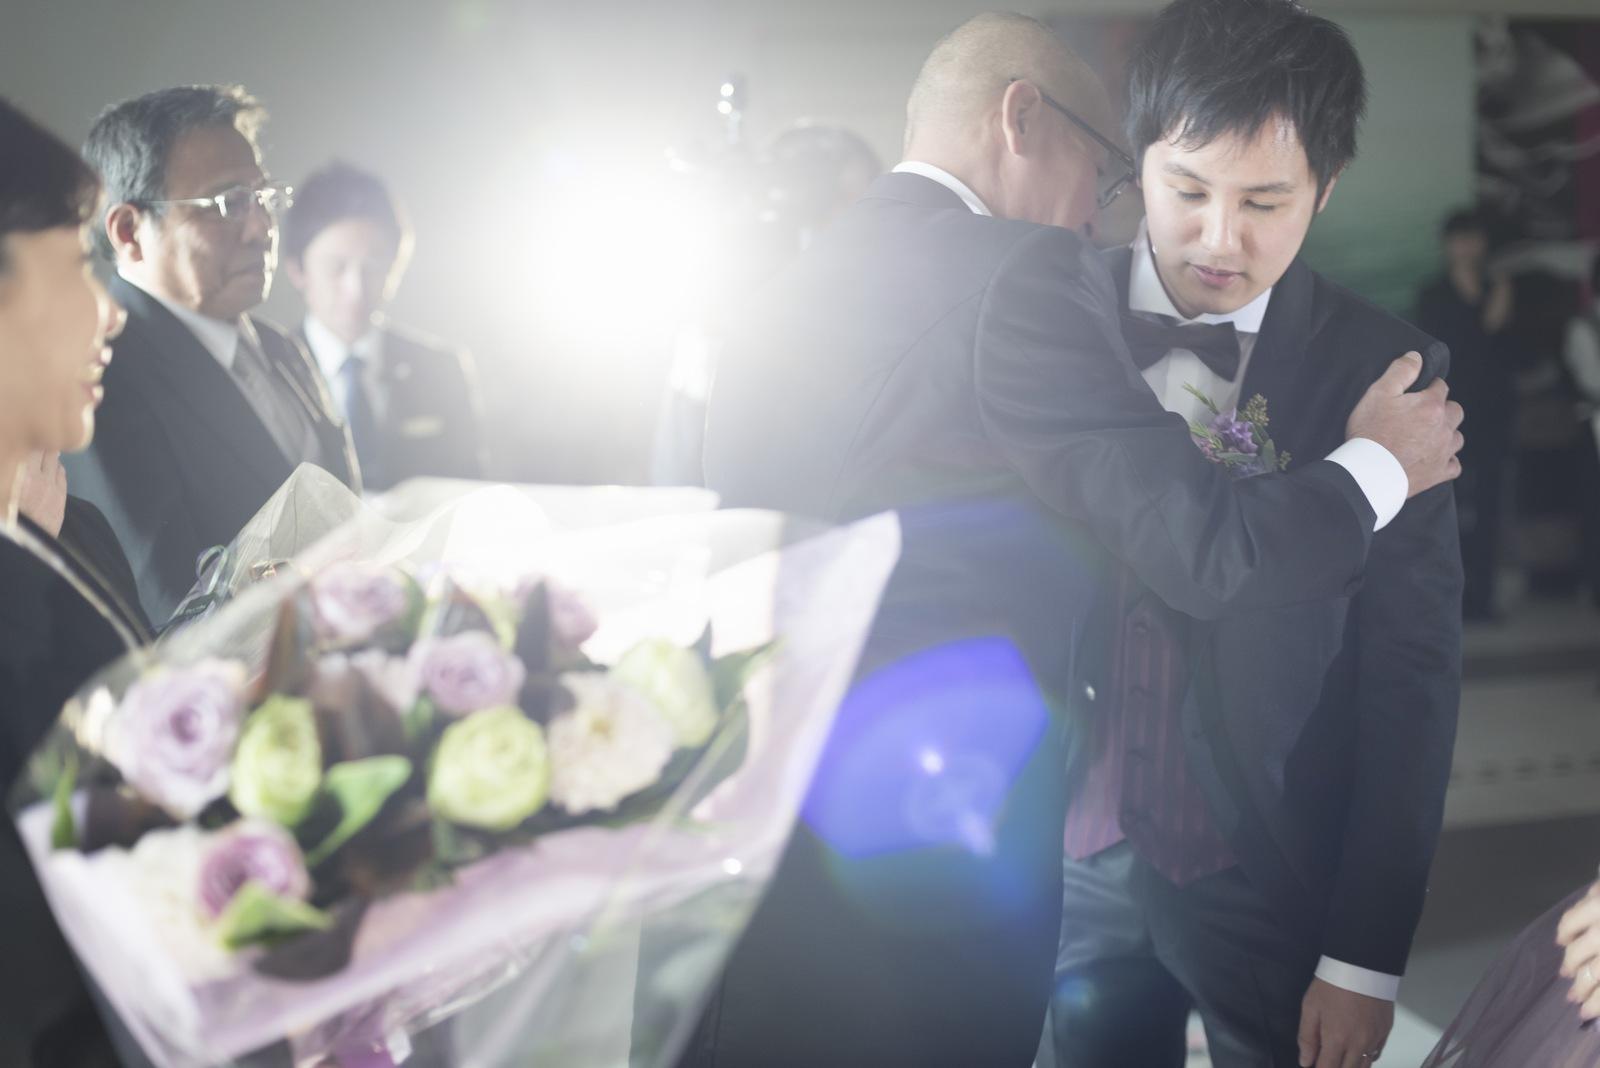 香川結婚式場シェルエメール&アイスタイル 花束贈呈